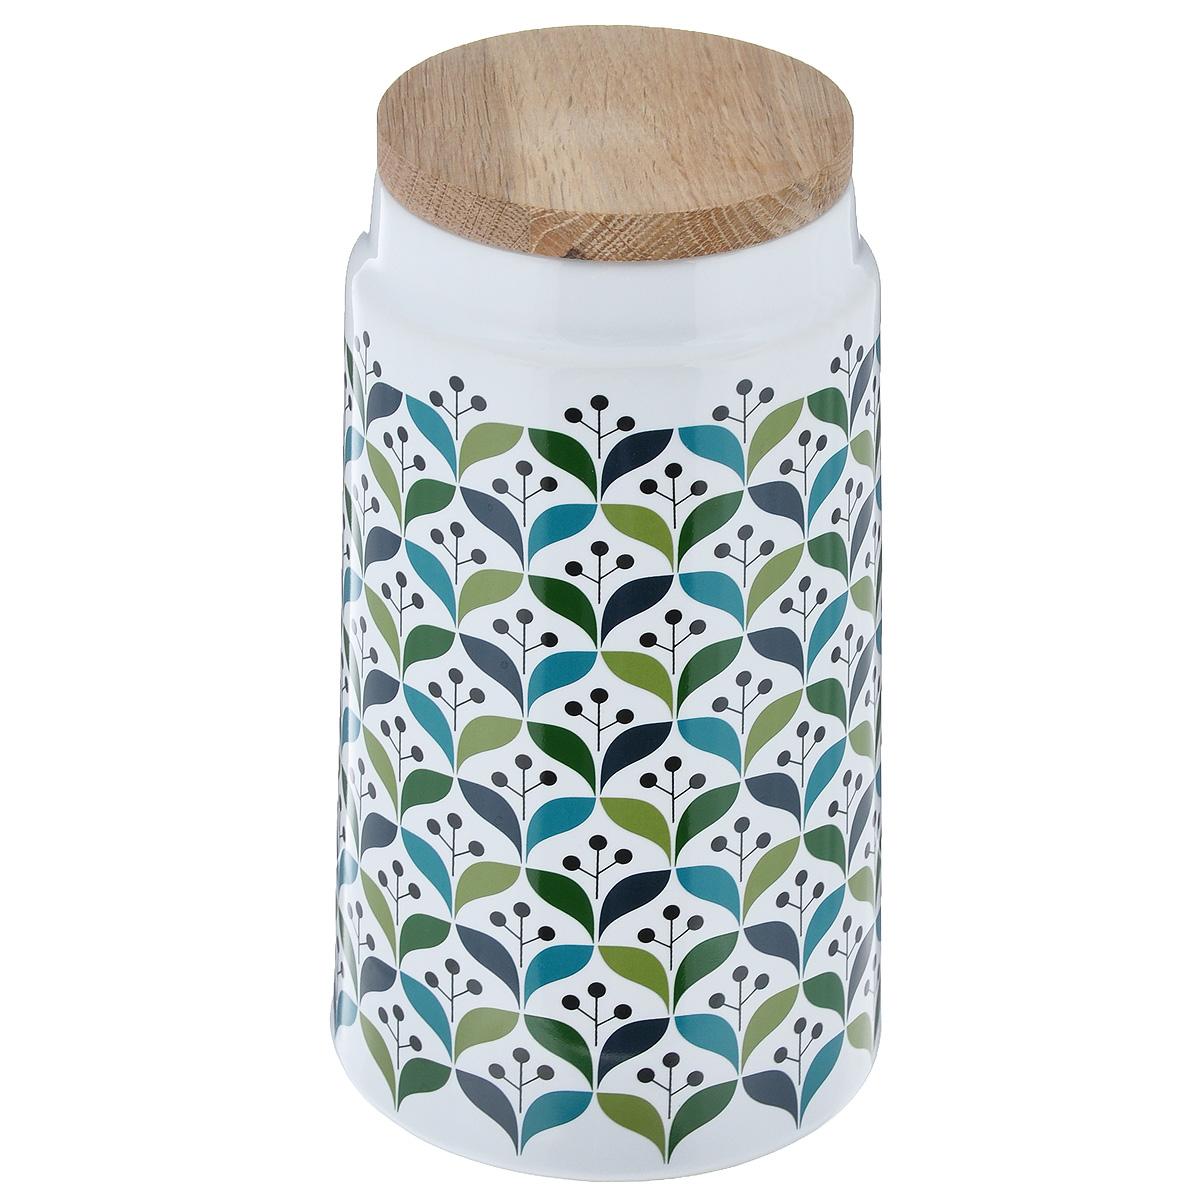 Емкость для хранения Sagaform Retro, 1,3 л5015940Емкость для хранения Sagaform Retro изготовлена из высококачественной глазурованной керамики. Внешние стенки оформлены красивым цветочным рисунком-орнаментом. Изделие предназначено для хранения различных сыпучих продуктов, например, круп, макарон, сахара и т.д. Емкость снабжена деревянной крышкой, которая плотно закрывается, дольше сохраняя продукты свежими. Можно мыть в посудомоечной машине. Диаметр емкости (по верхнему краю): 9 см. Высота емкости: 20 см.